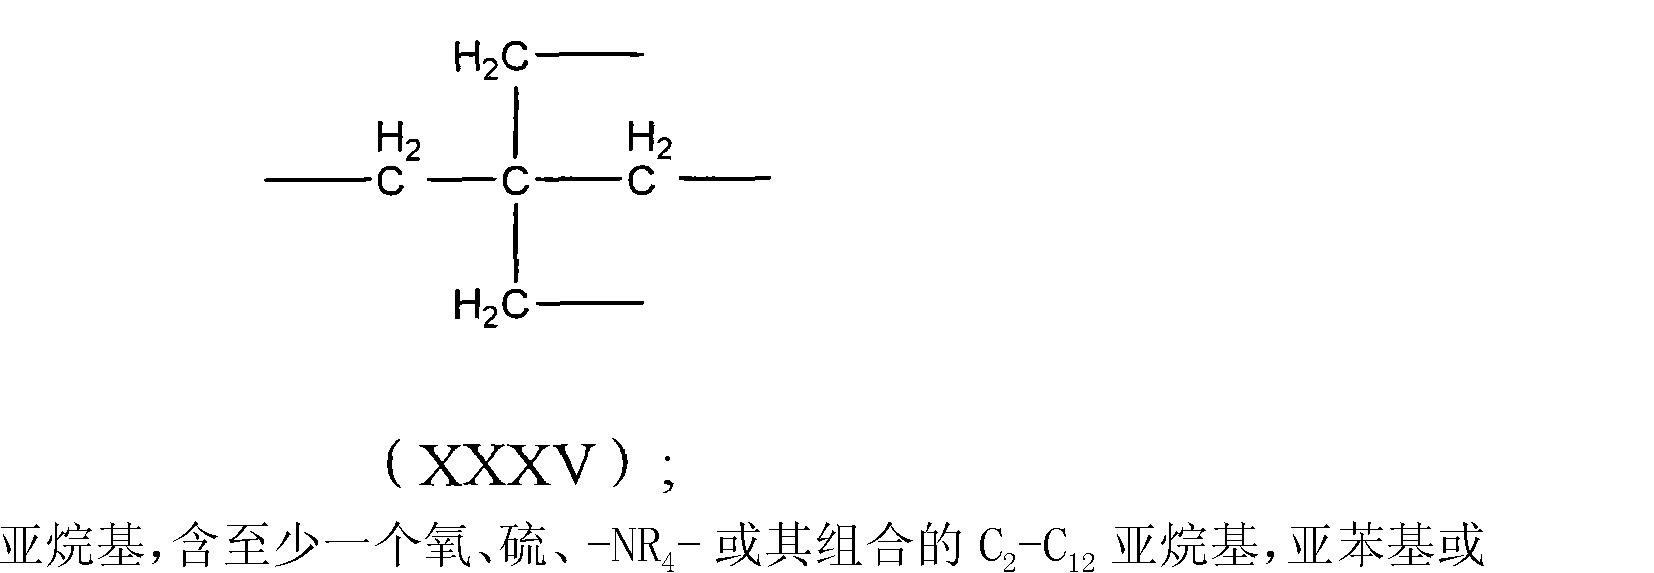 Figure CN101688004BD00552